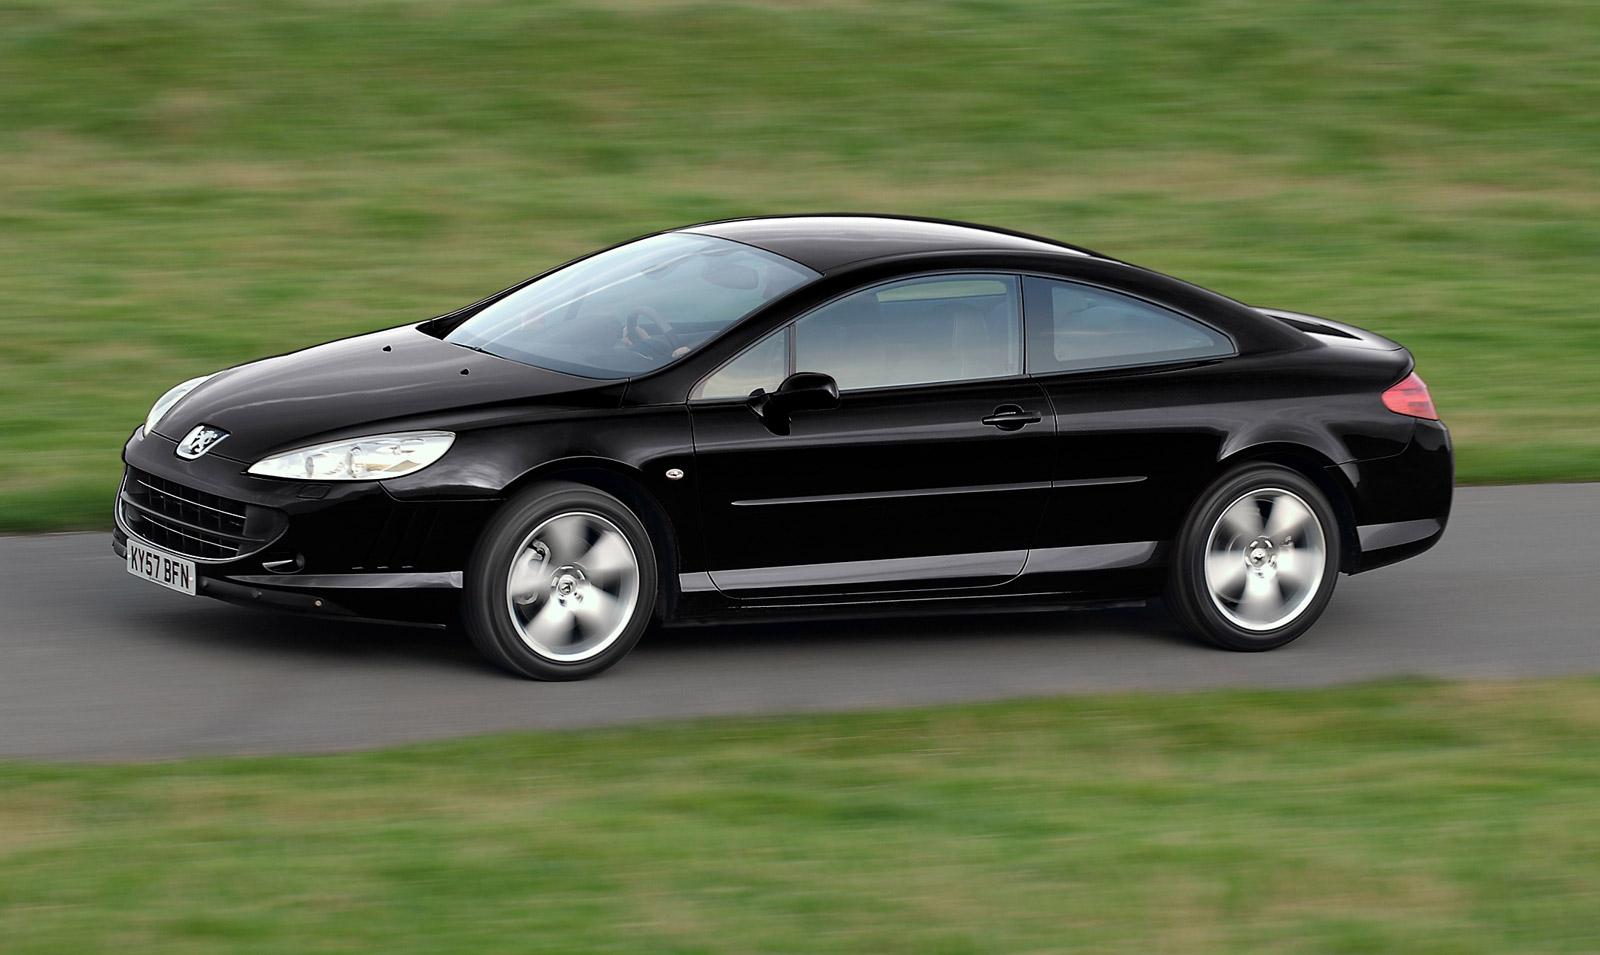 #1528 Peugeot 407 2005-11